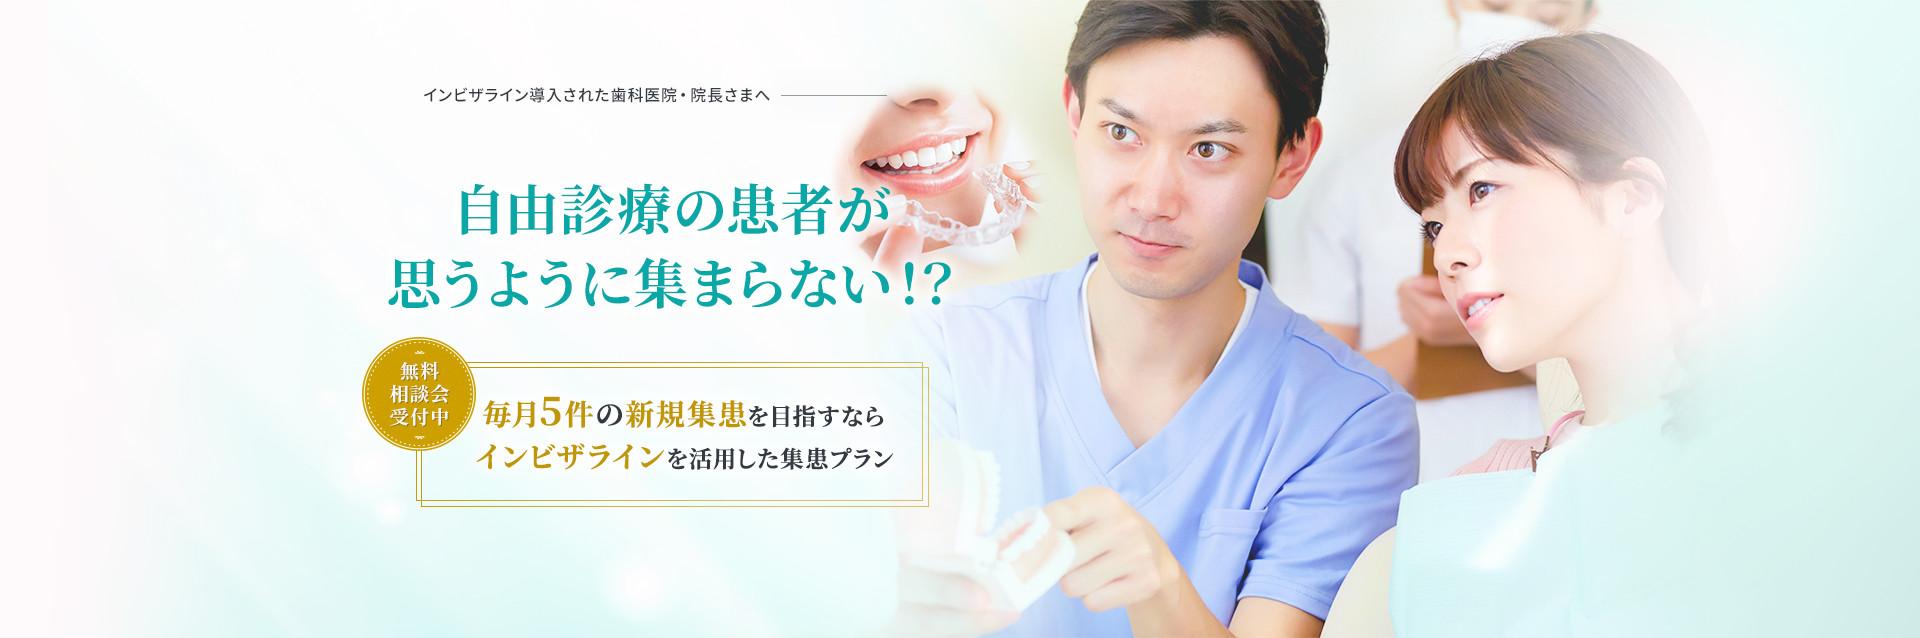 自由診療の患者を集める方法